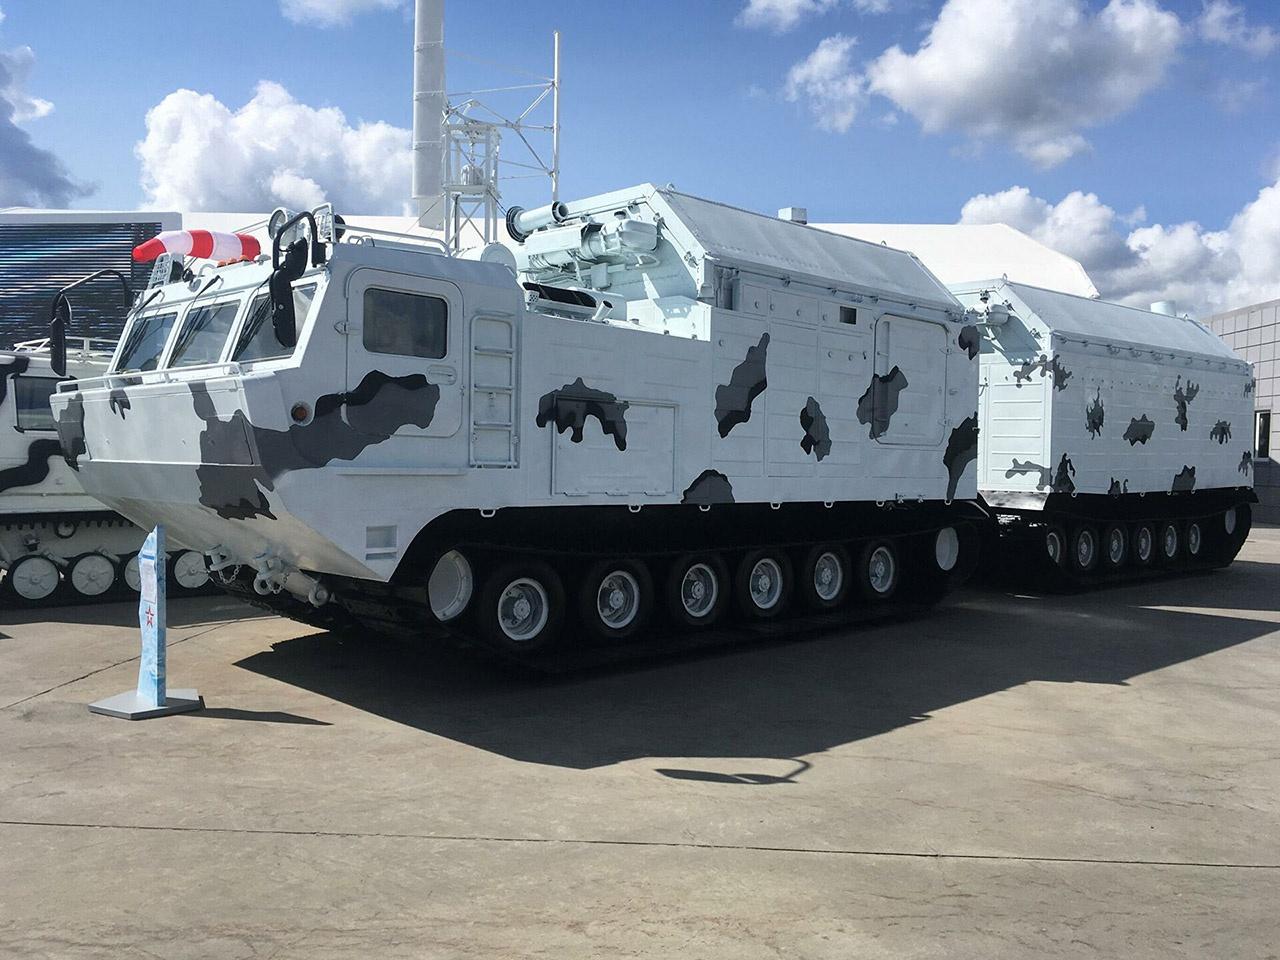 Арктическая кухня КА-250/30ПМ может накормить целый батальон.